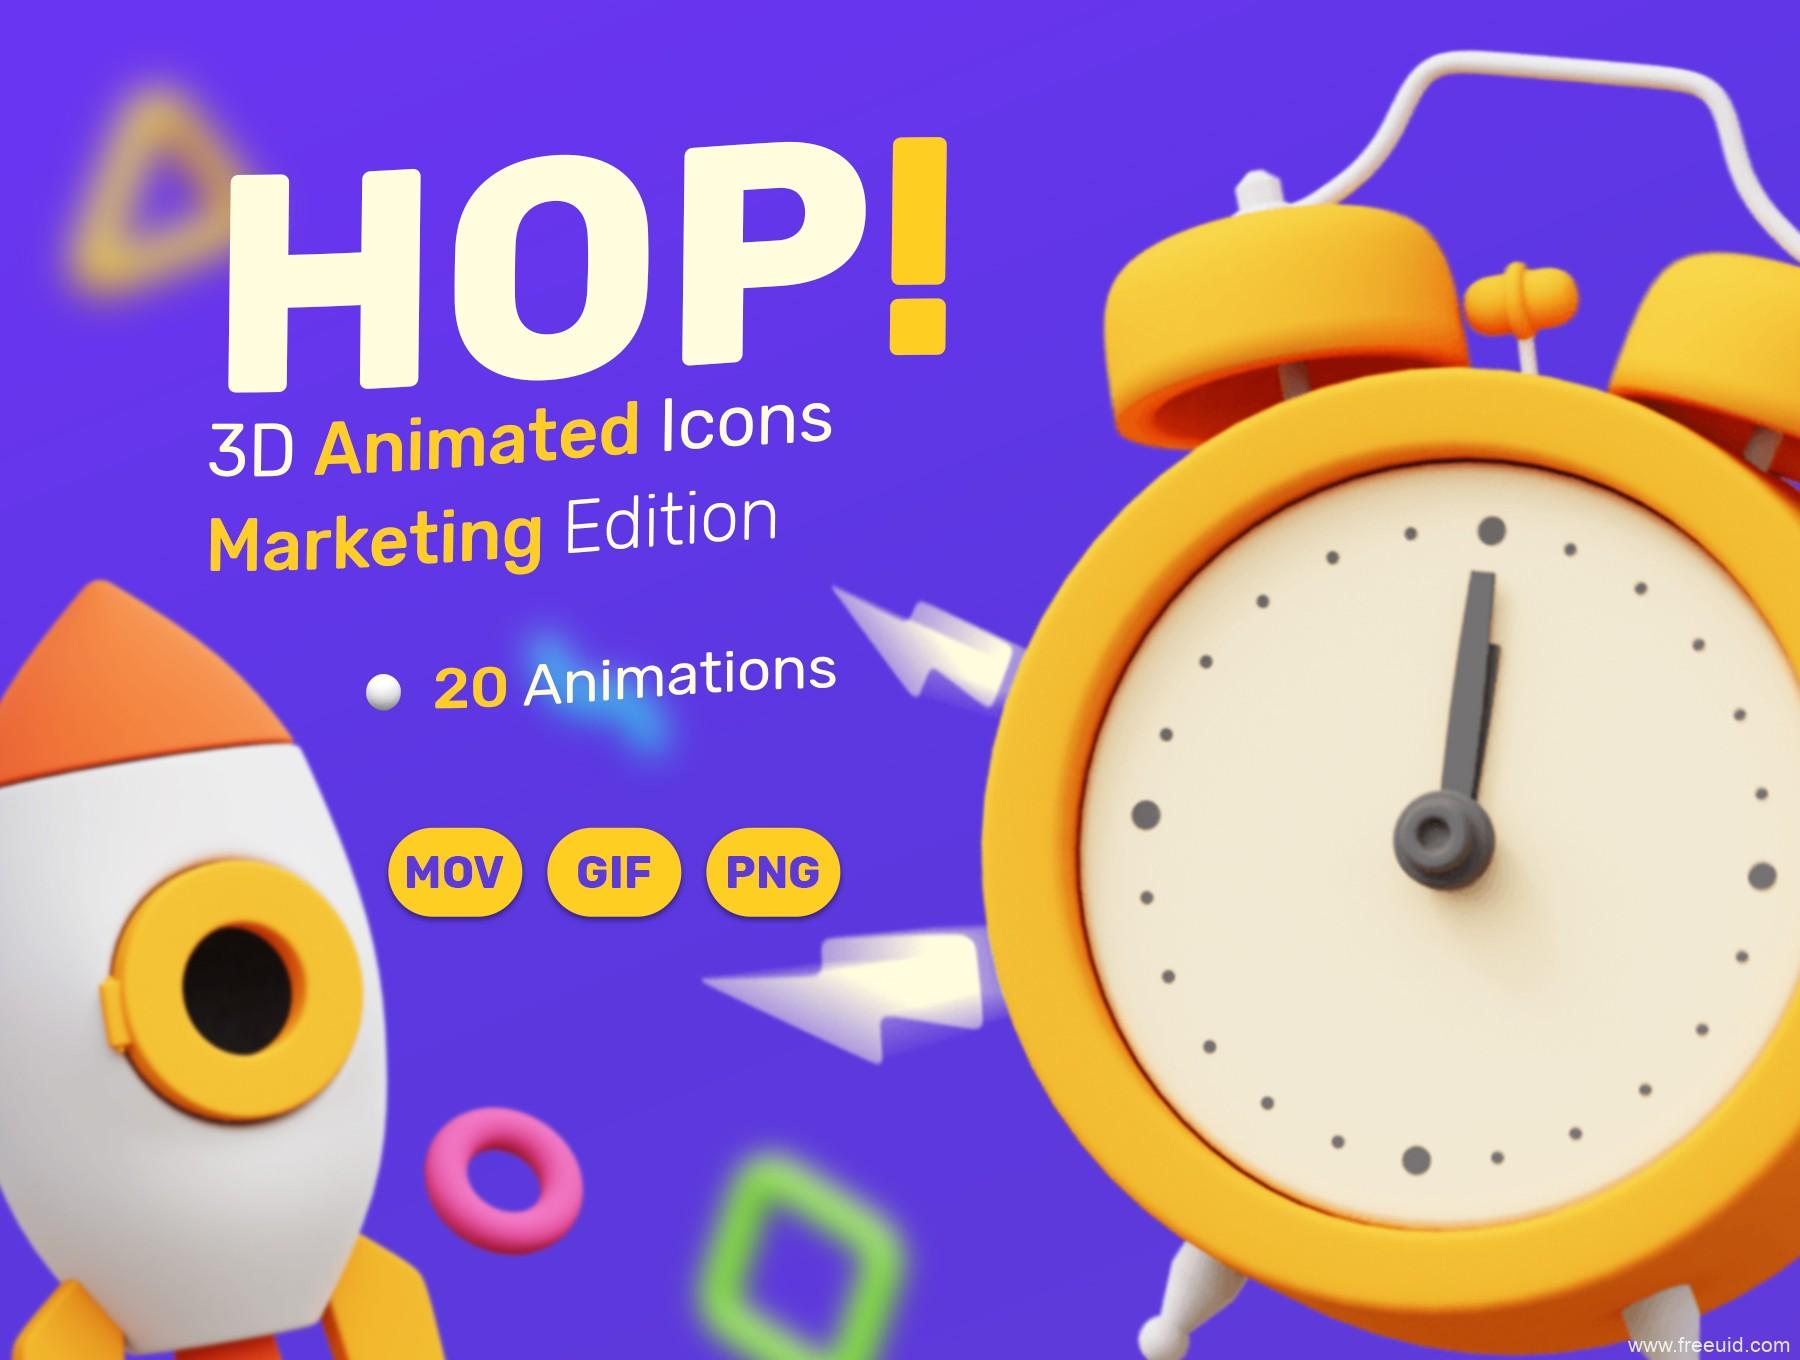 金融类运营3D插画动效素材,商务3D动效插画运营套件下载